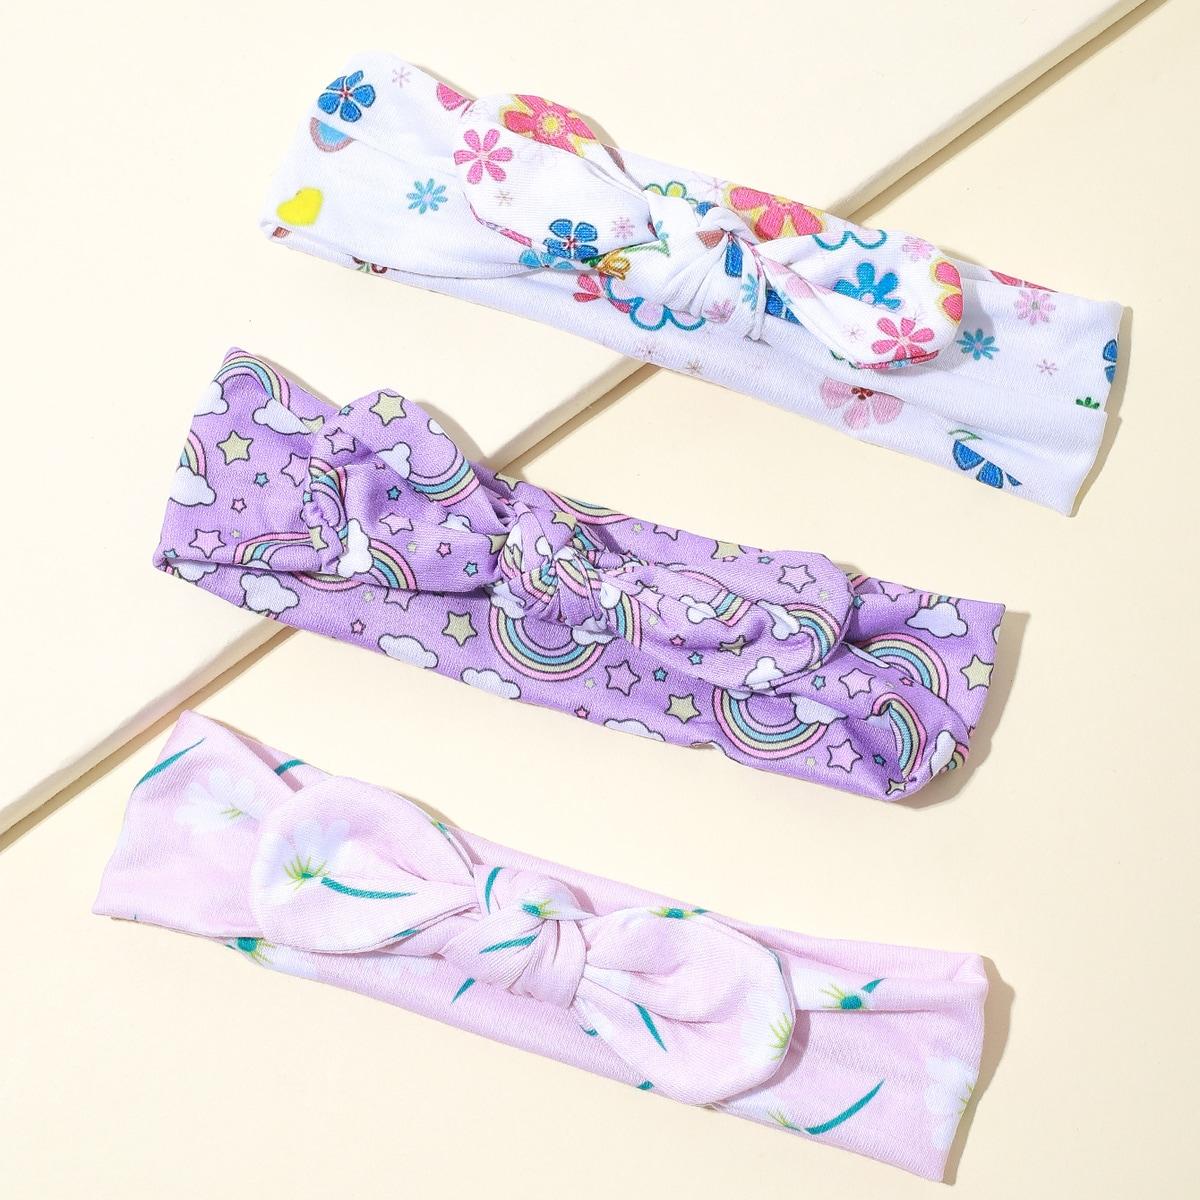 Повязка для волос с цветочным рисунком для девочек 3шт фото